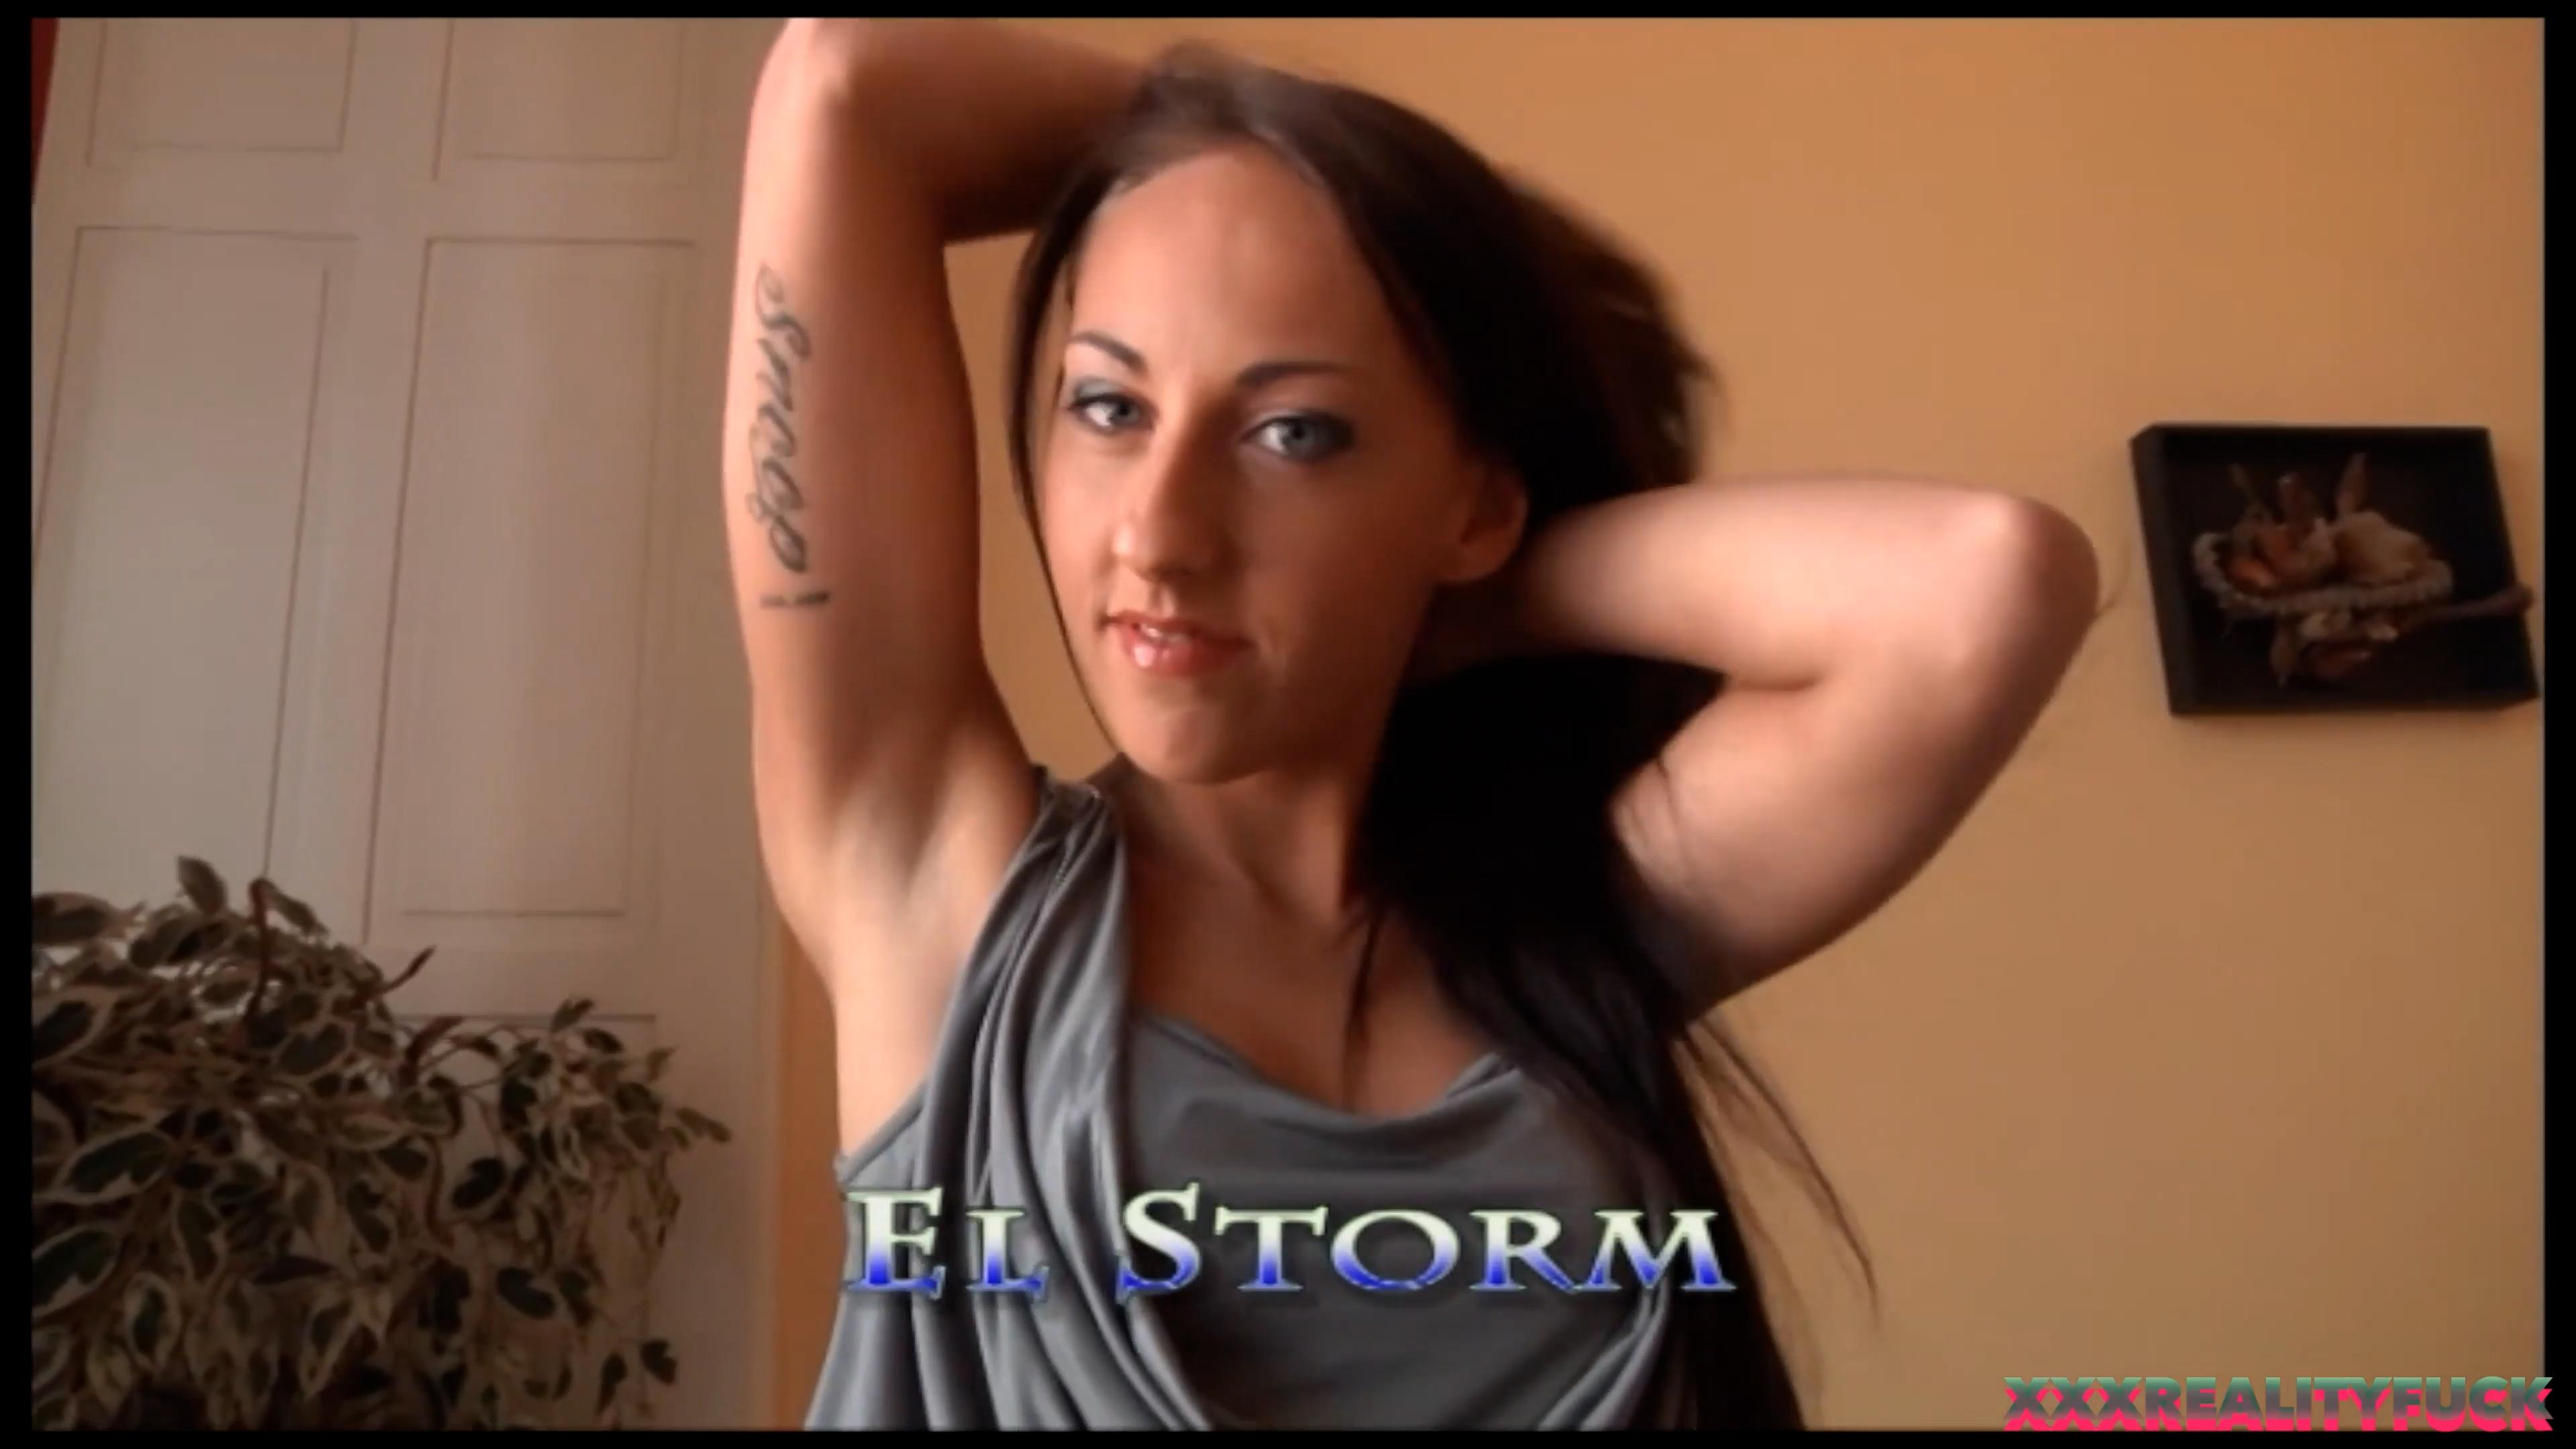 El Storm Fucks a Fanboy